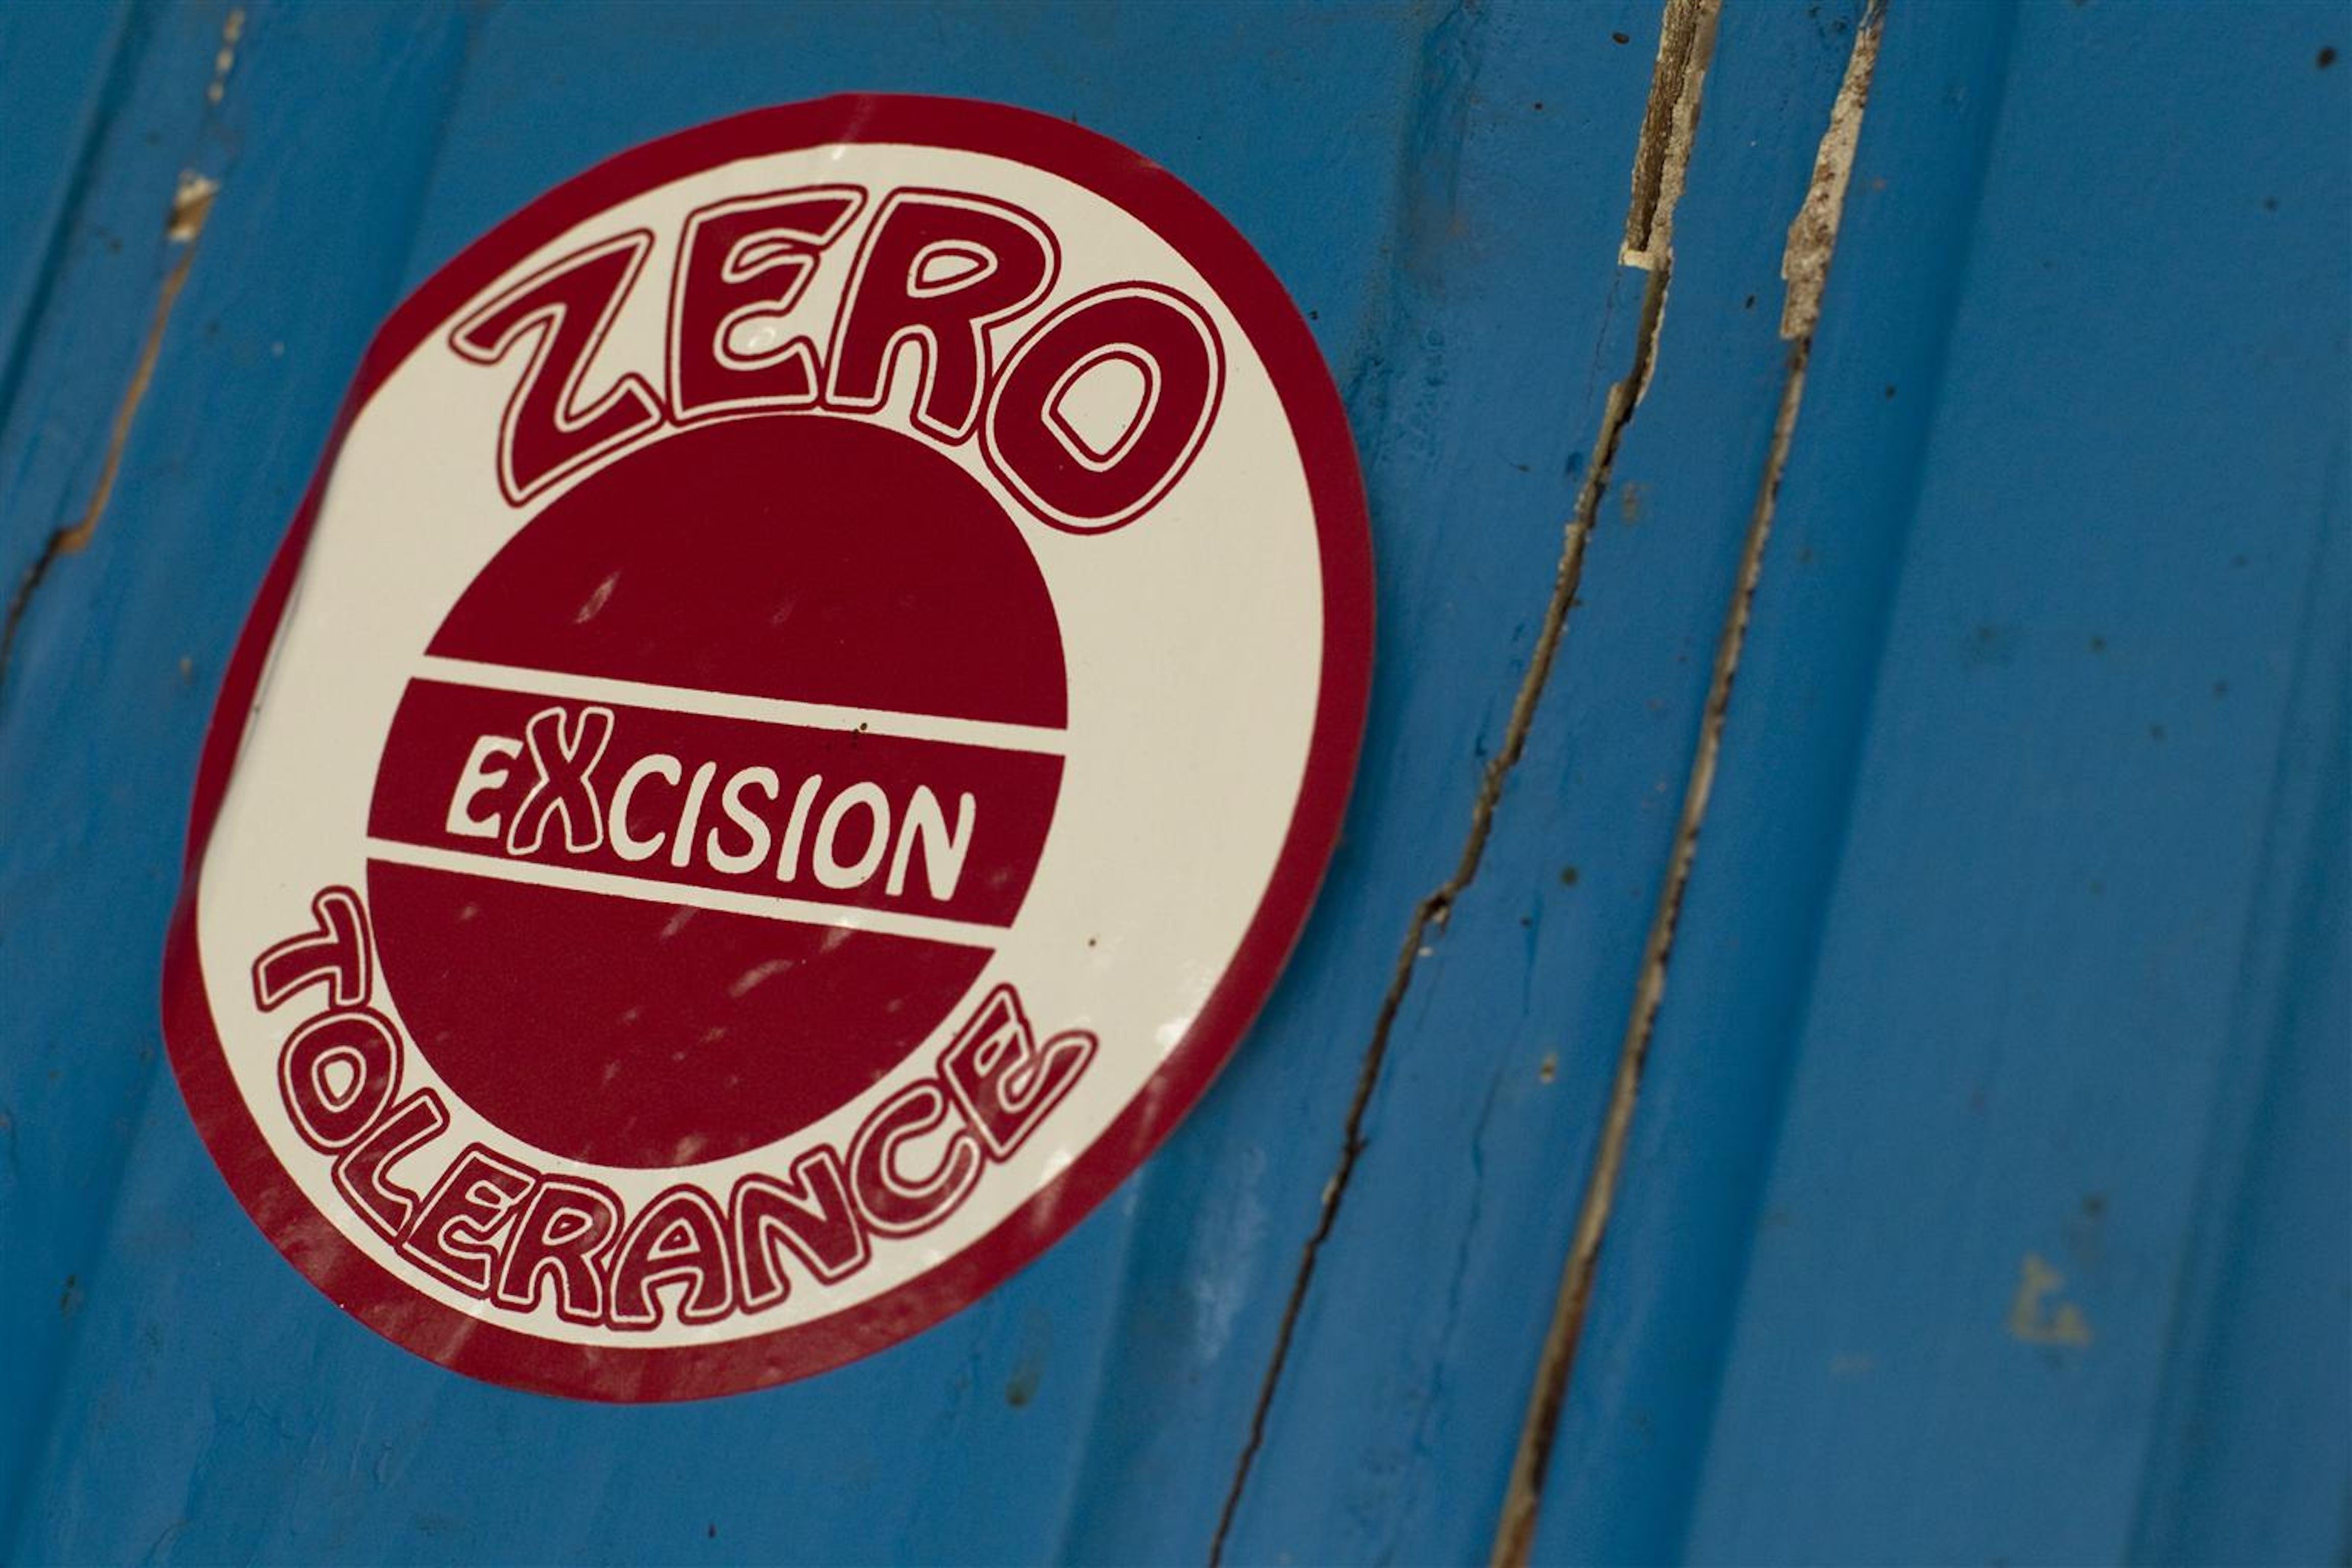 Un adesivo della campagna per la fine dell'escissione nel distretto di Séguéla (Costa d'Avorio) - ©UNICEF/NYHQ2011-0259/Asselin